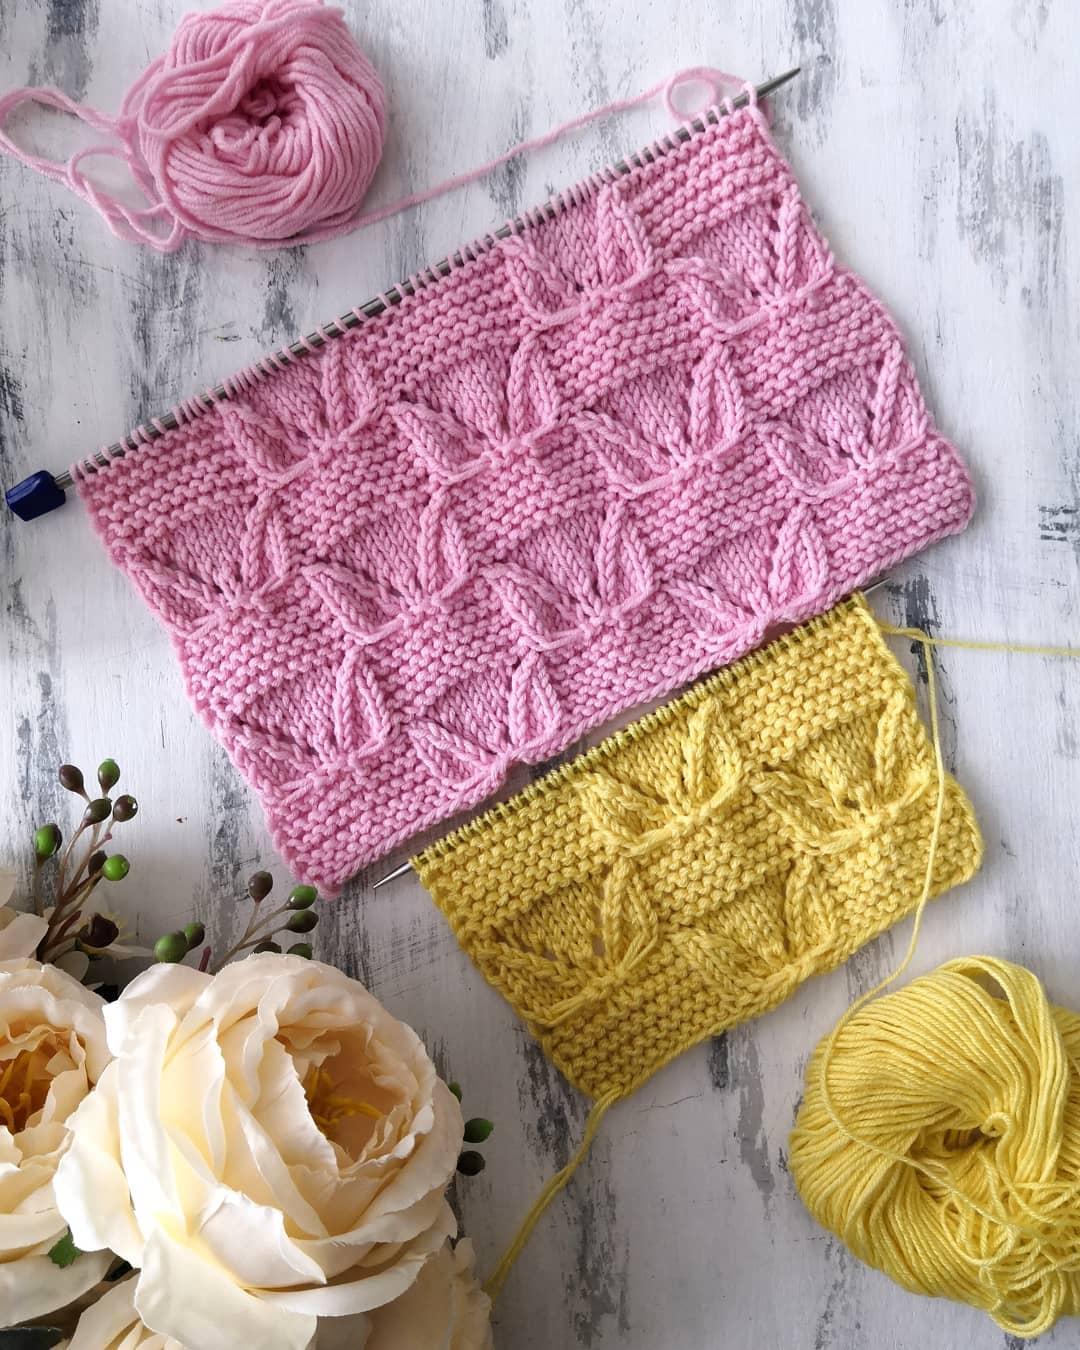 Ажурно-Рельефный Узор Спицами Для Вязани Ажурныйузорспицами - Knitting Tutorial